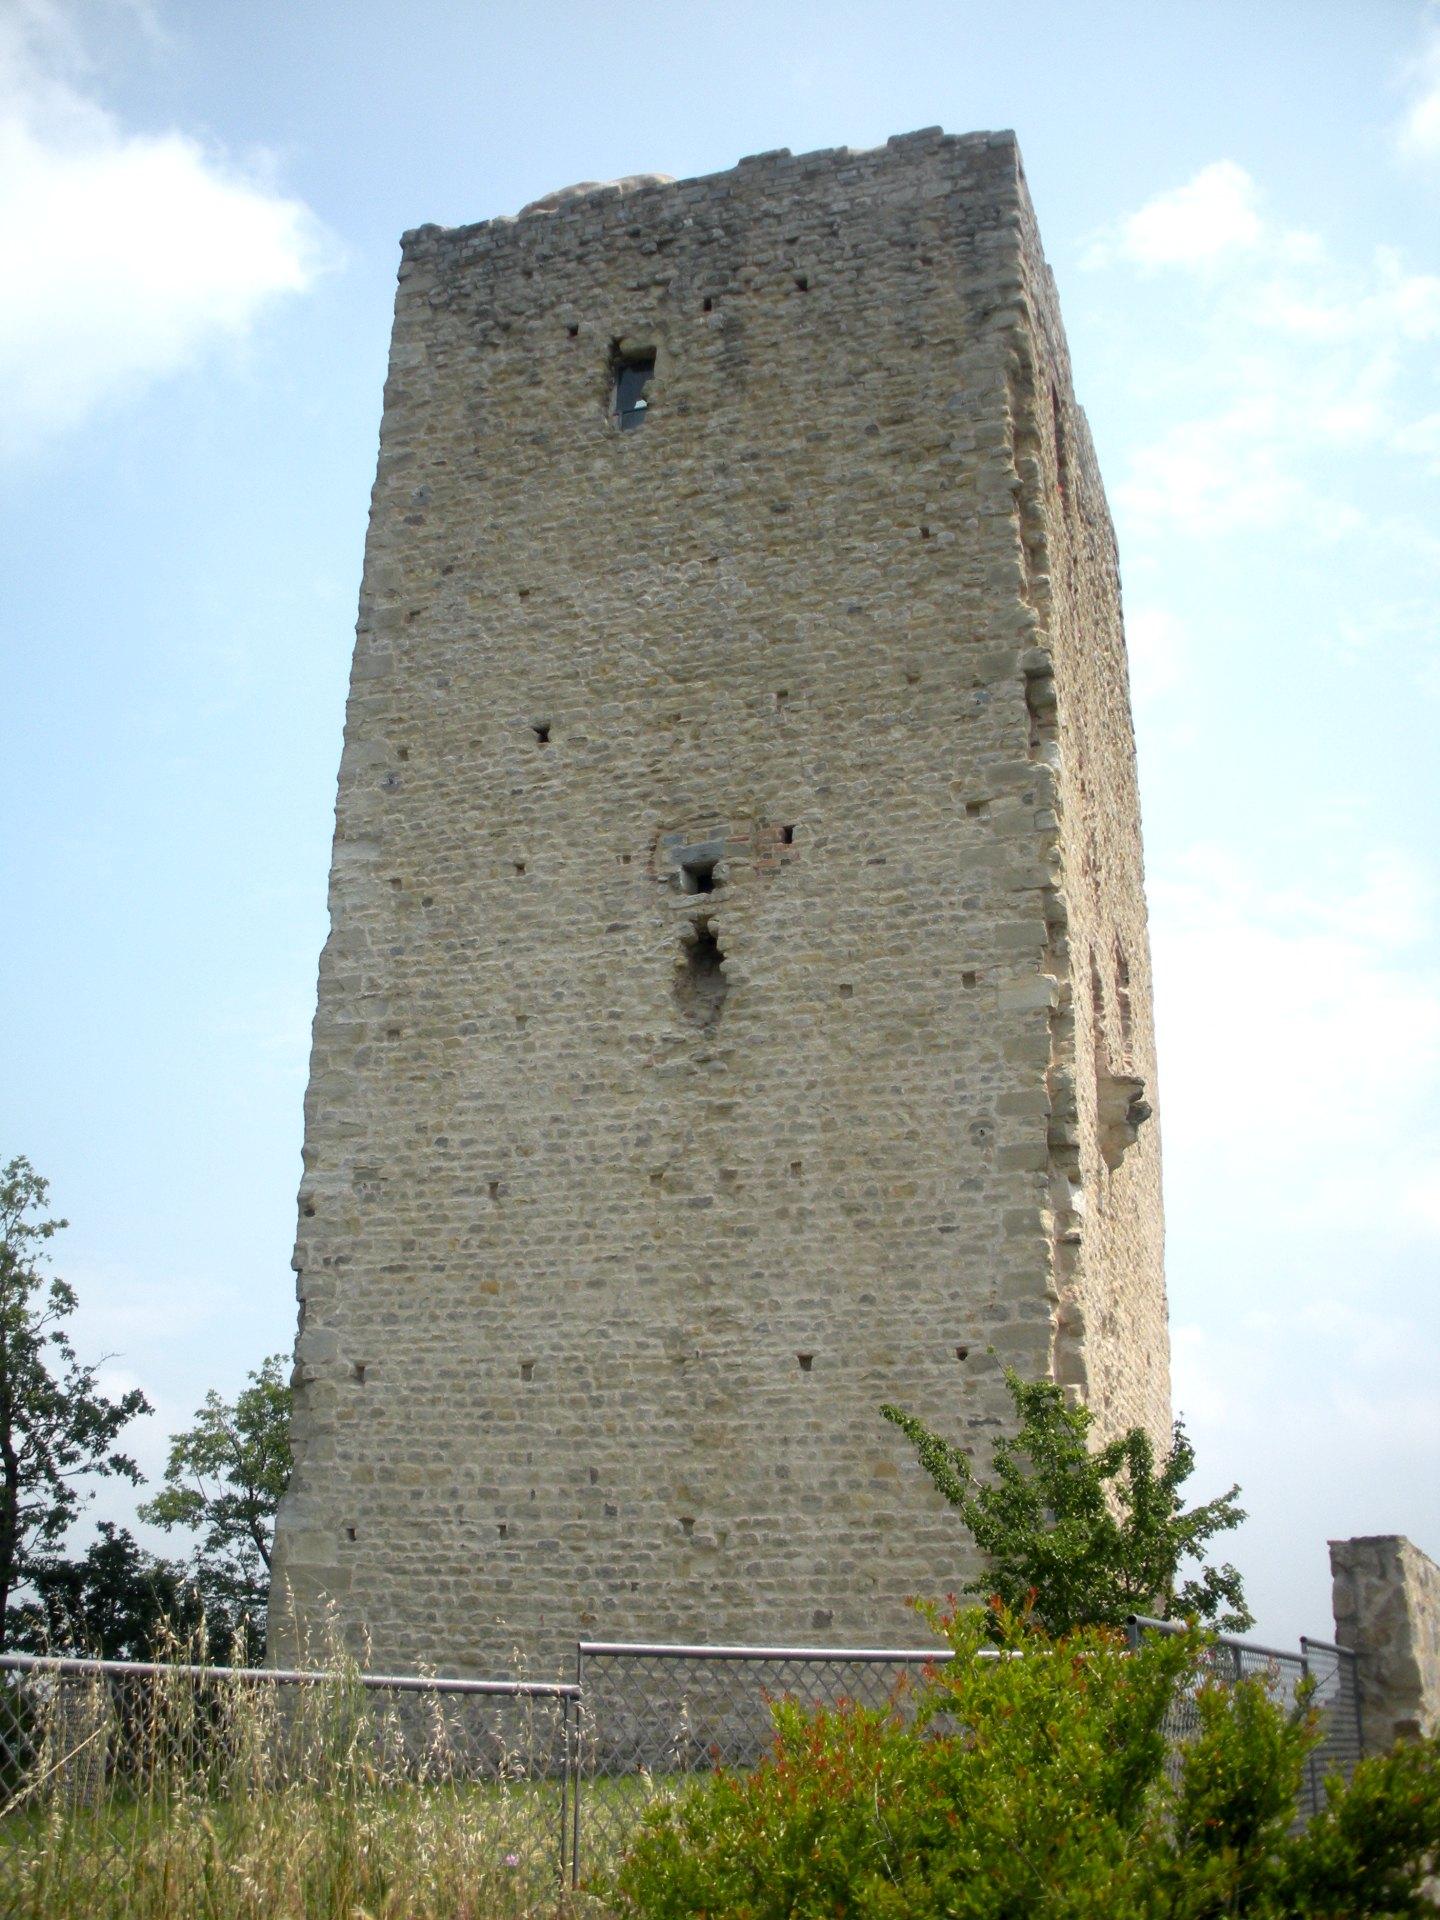 Restauro e consolidamento della torre medievale di Rossenella nel comune di Canossa (RE) - ITON SRL